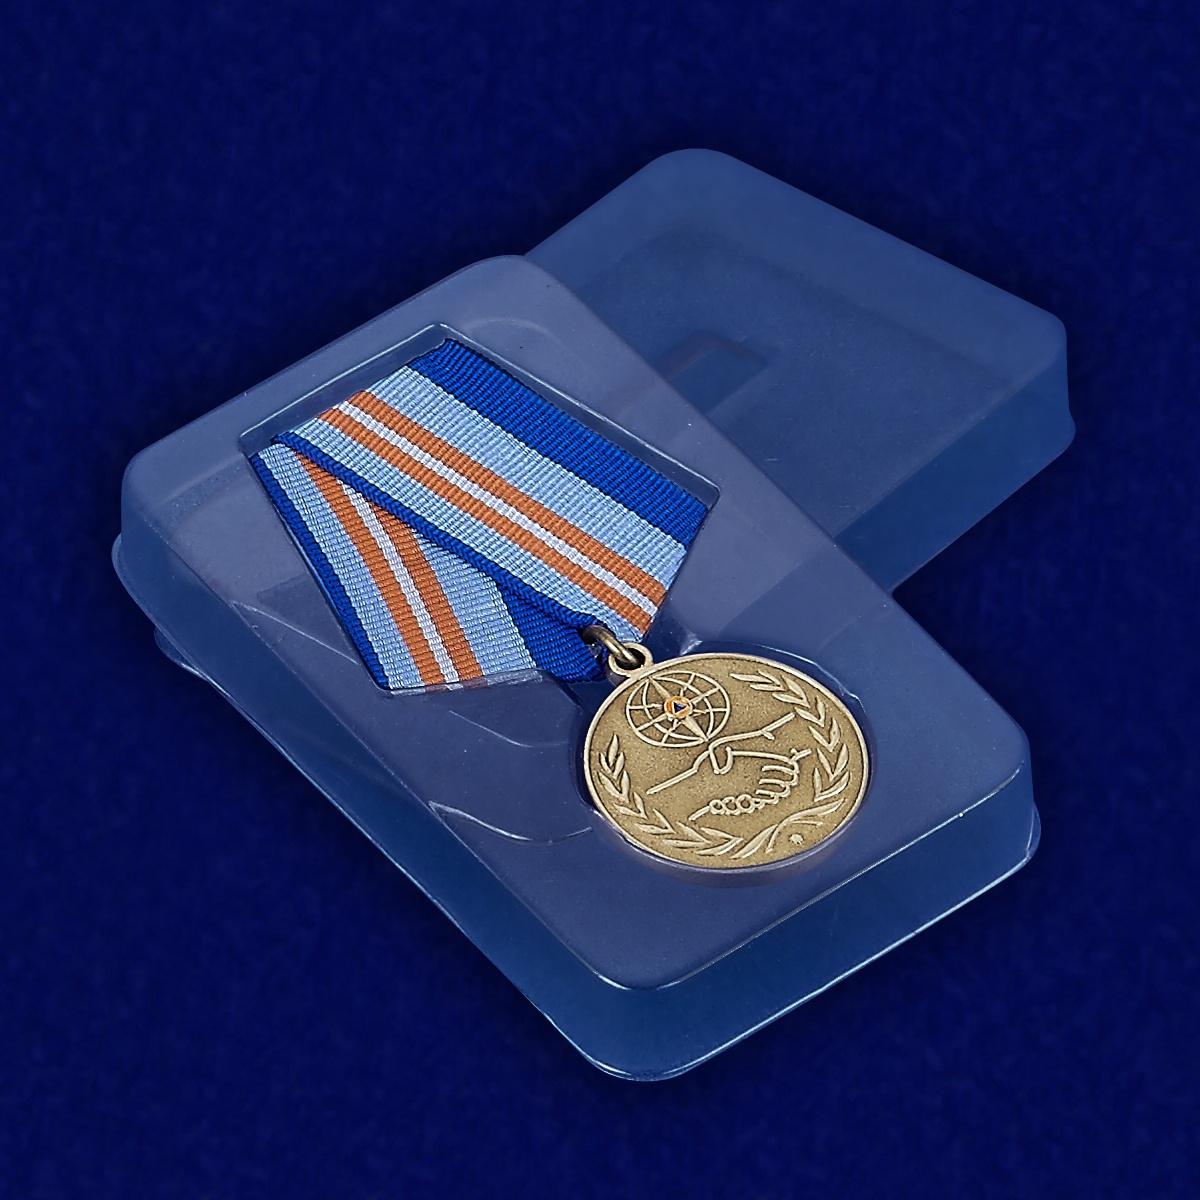 Ведомственная медаль За содружество во имя спасения - в пластиковом футляре